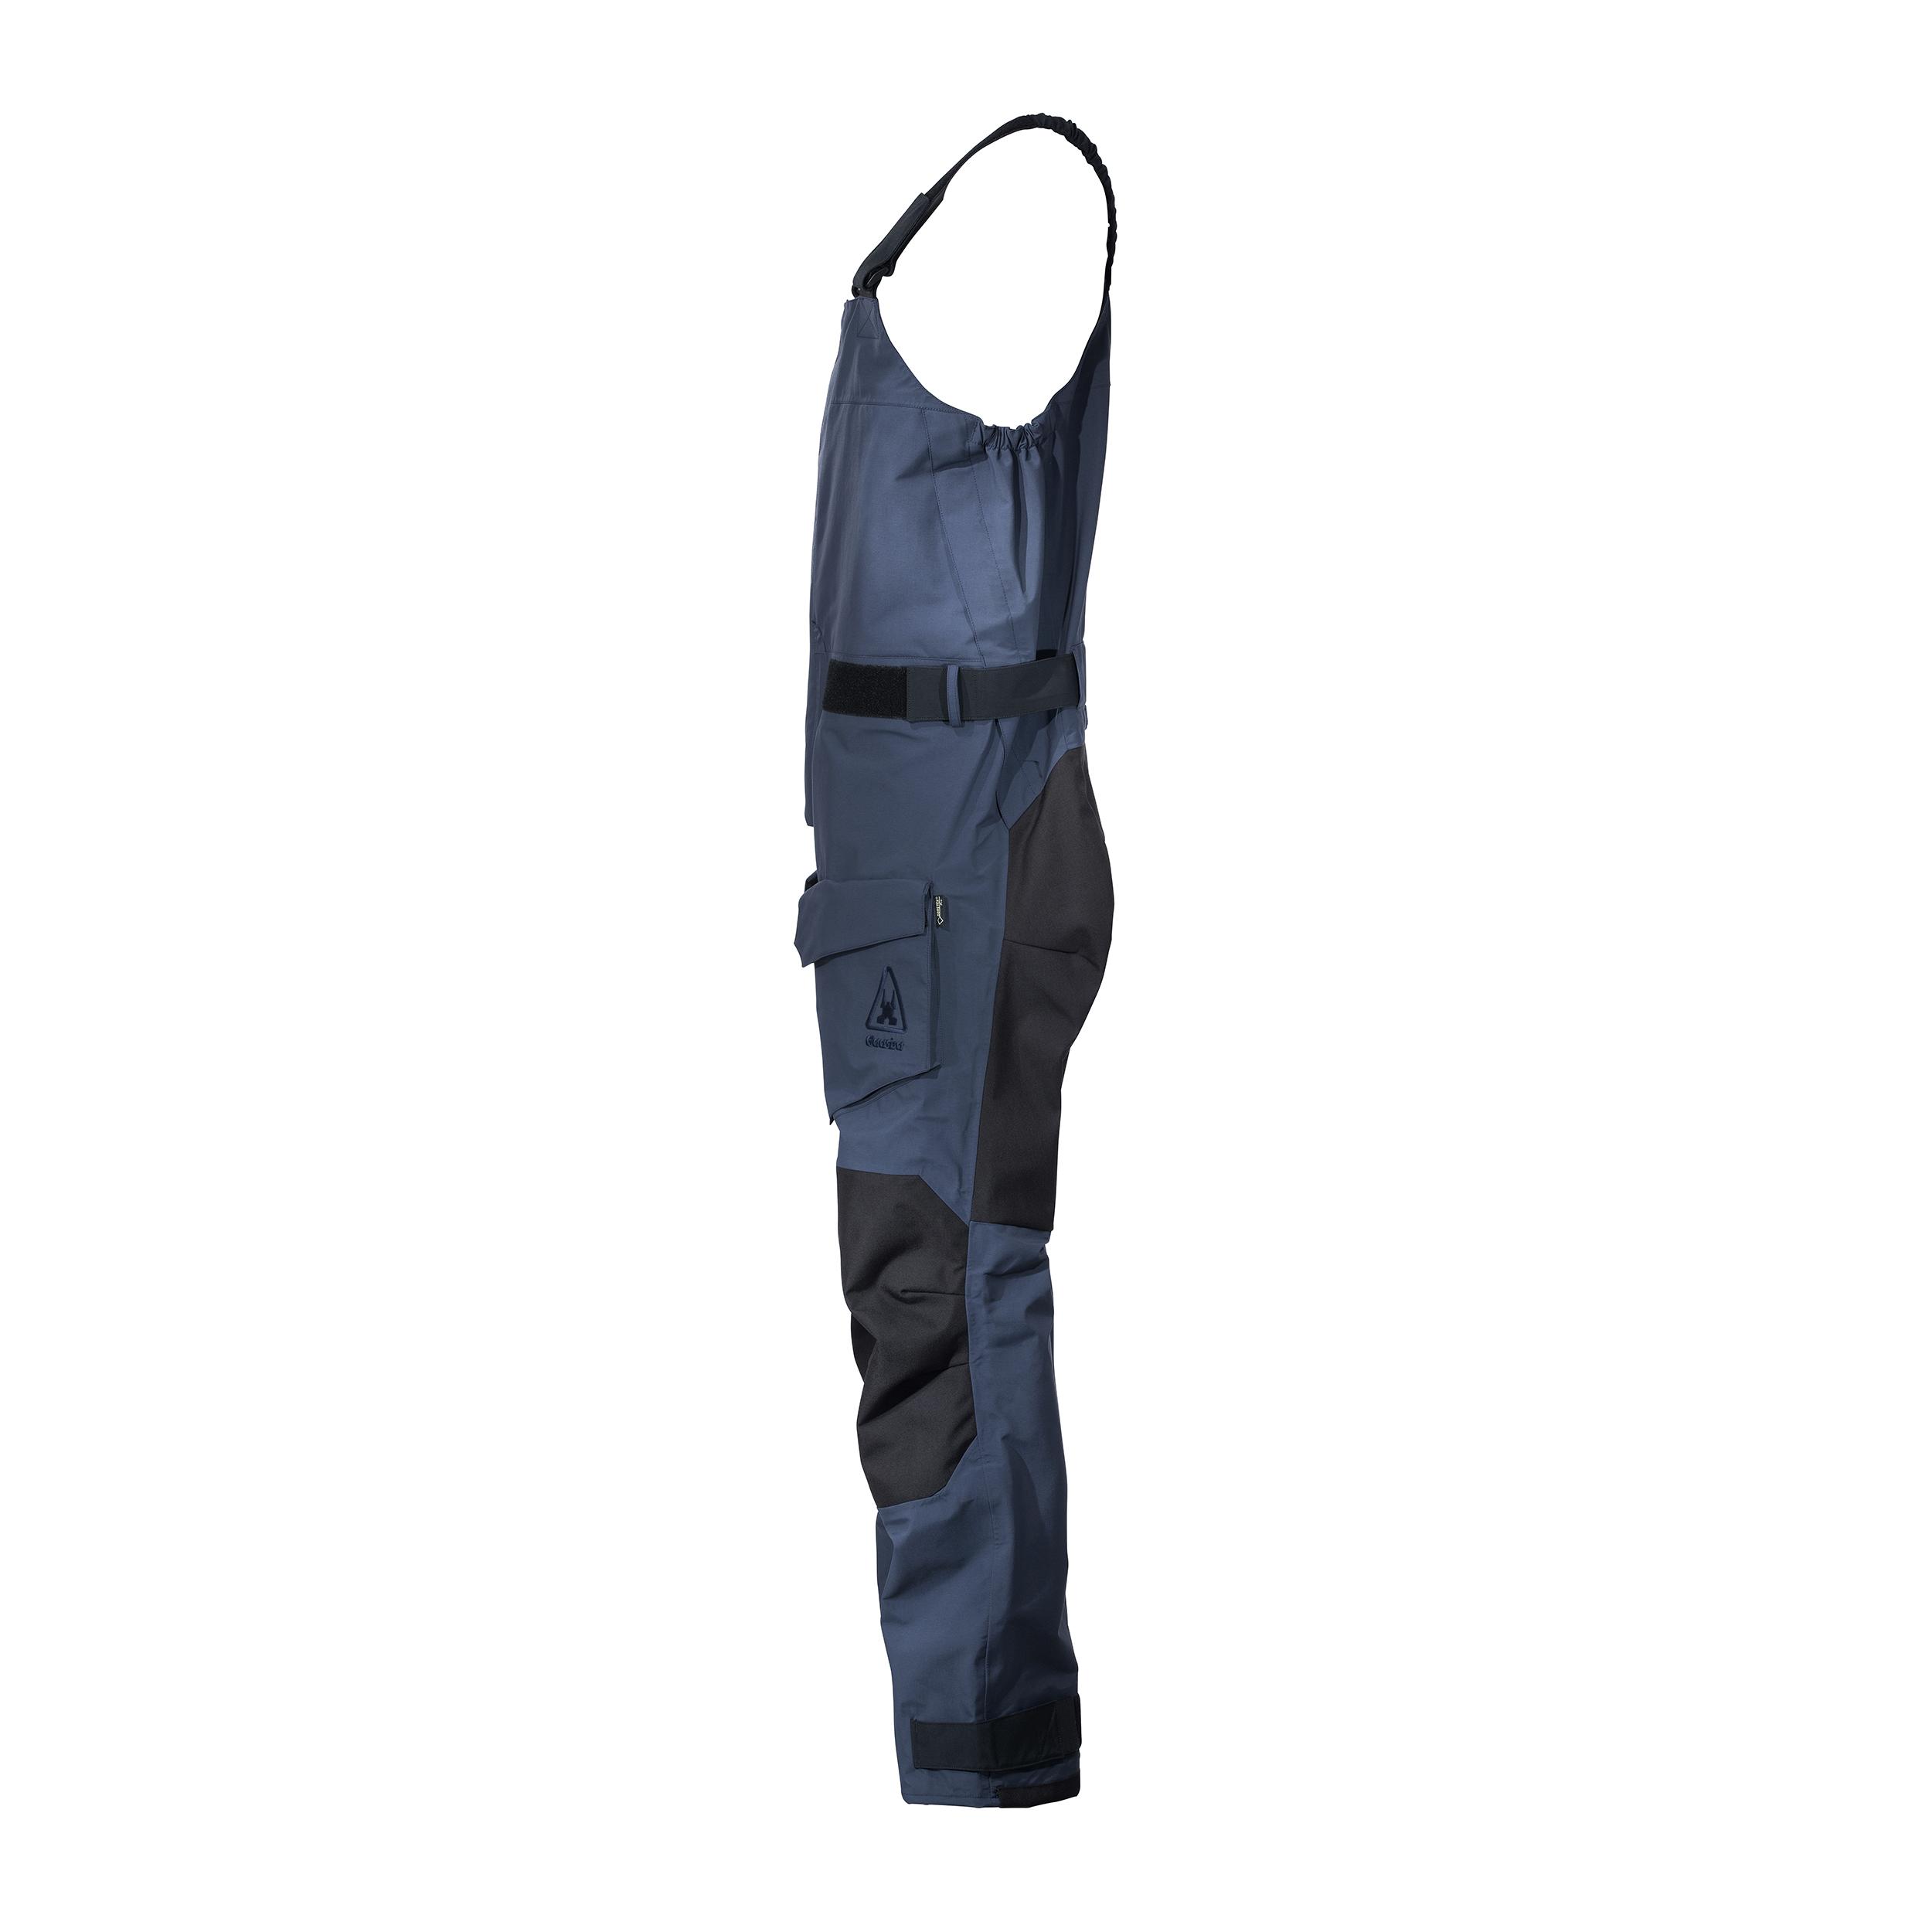 36025335054 Sailing Pants Solent Men - Clothes for sailing